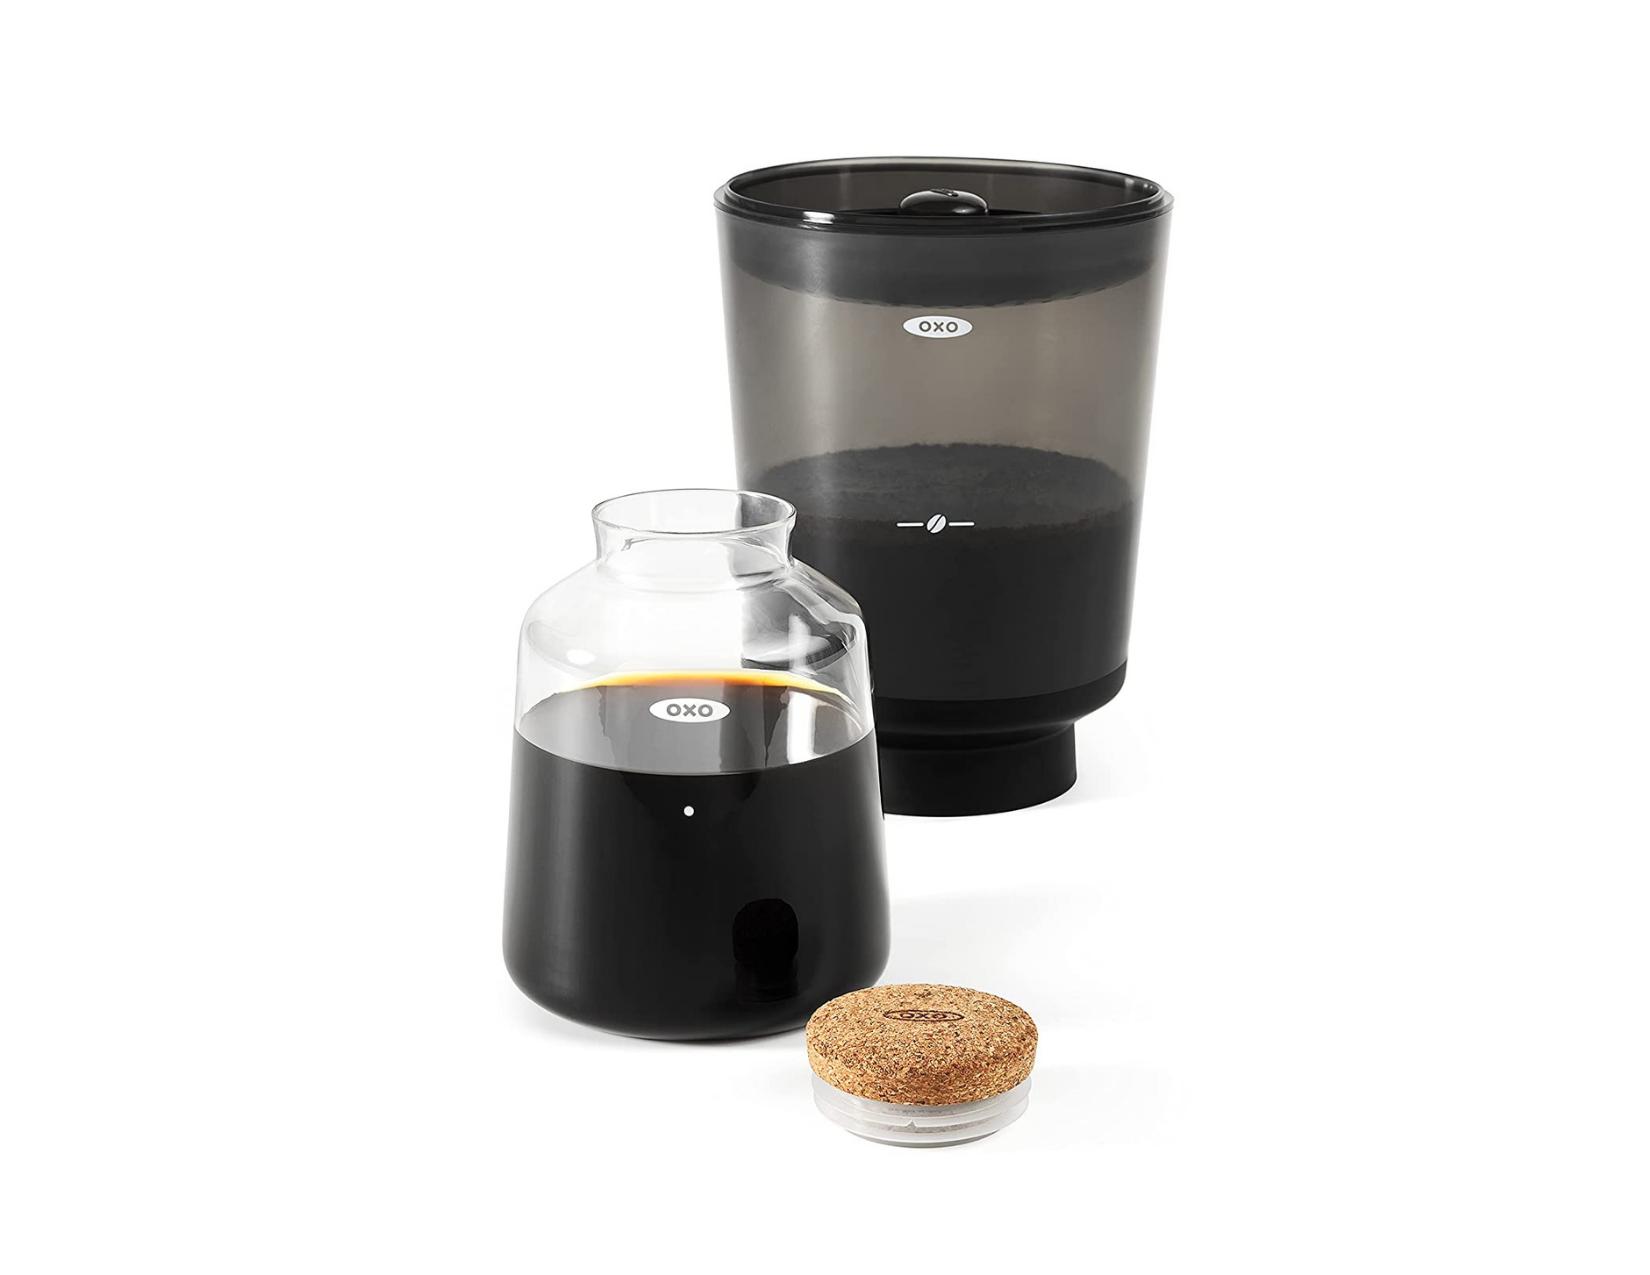 OXO Mini Compact Coffee Brewer